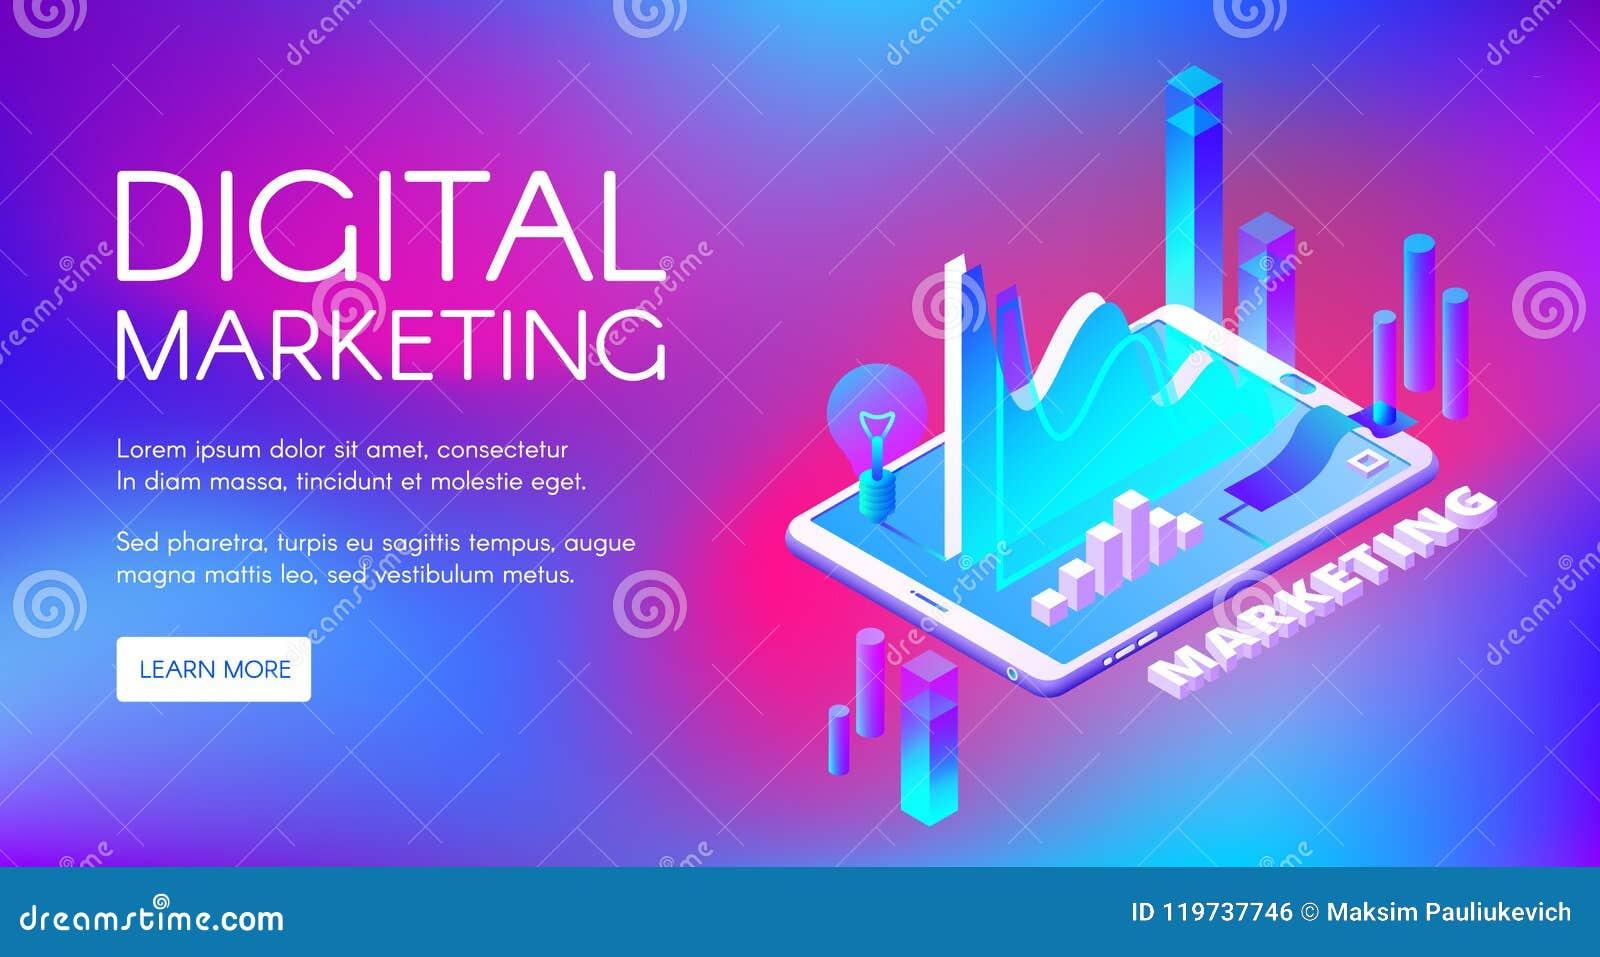 Ψηφιακή isometric διανυσματική απεικόνιση μάρκετινγκ